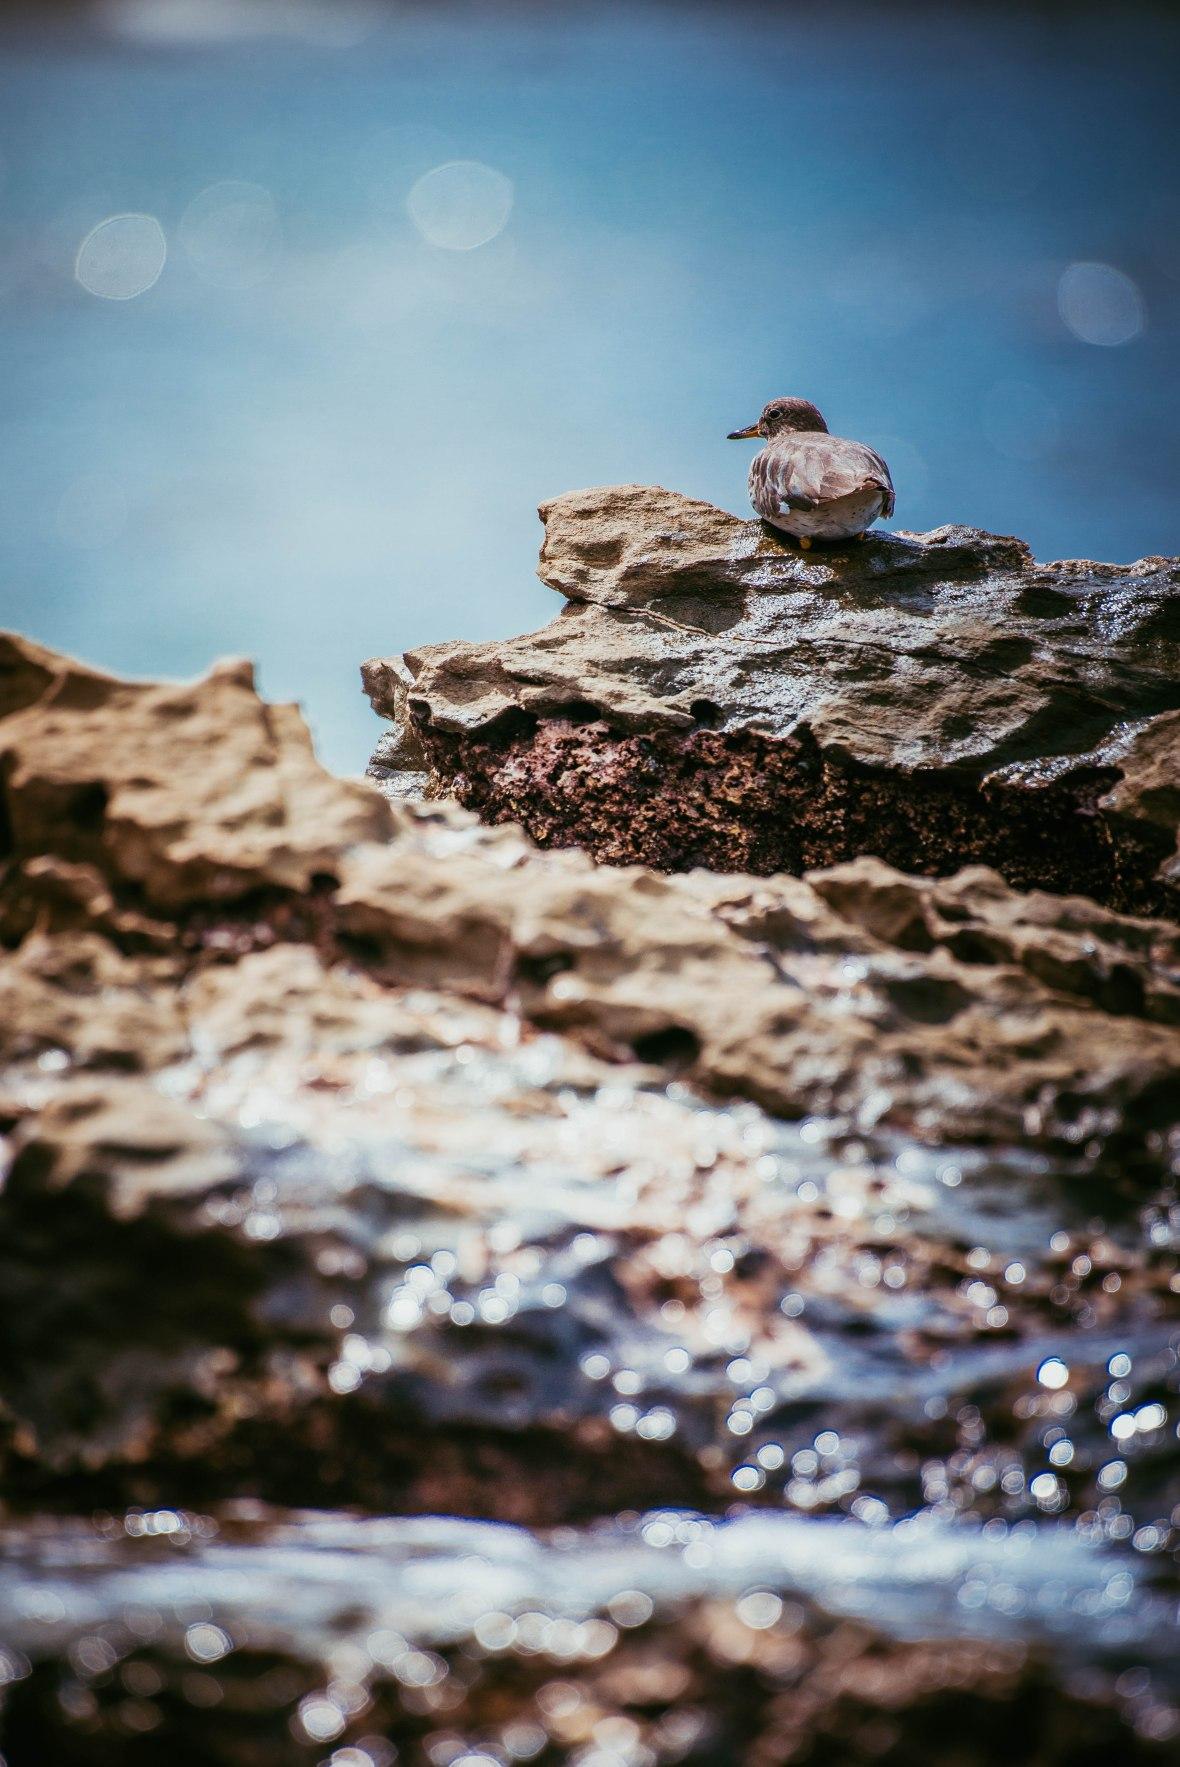 Un ave redondita y con un pico corto, descansa en medio de una piedra en un arrecife rocoso junto al mar.